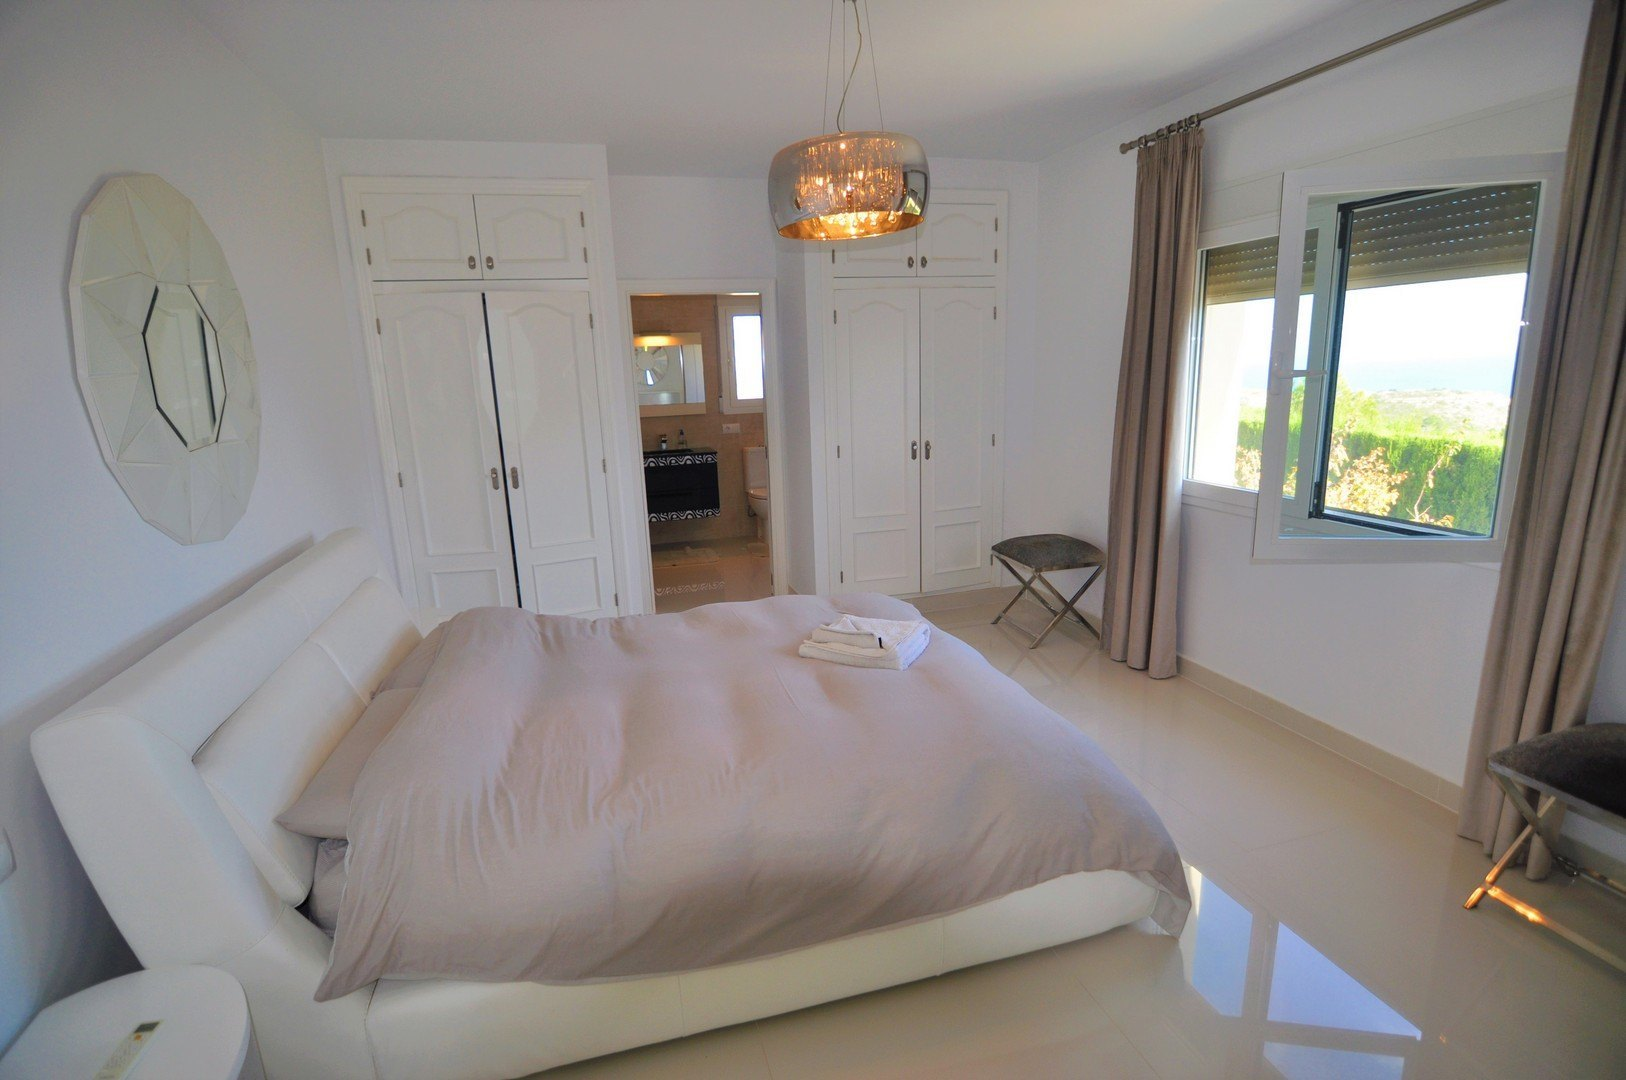 Photogallery - 8 - Build a villa in Moraira: villas for sale in Moraira